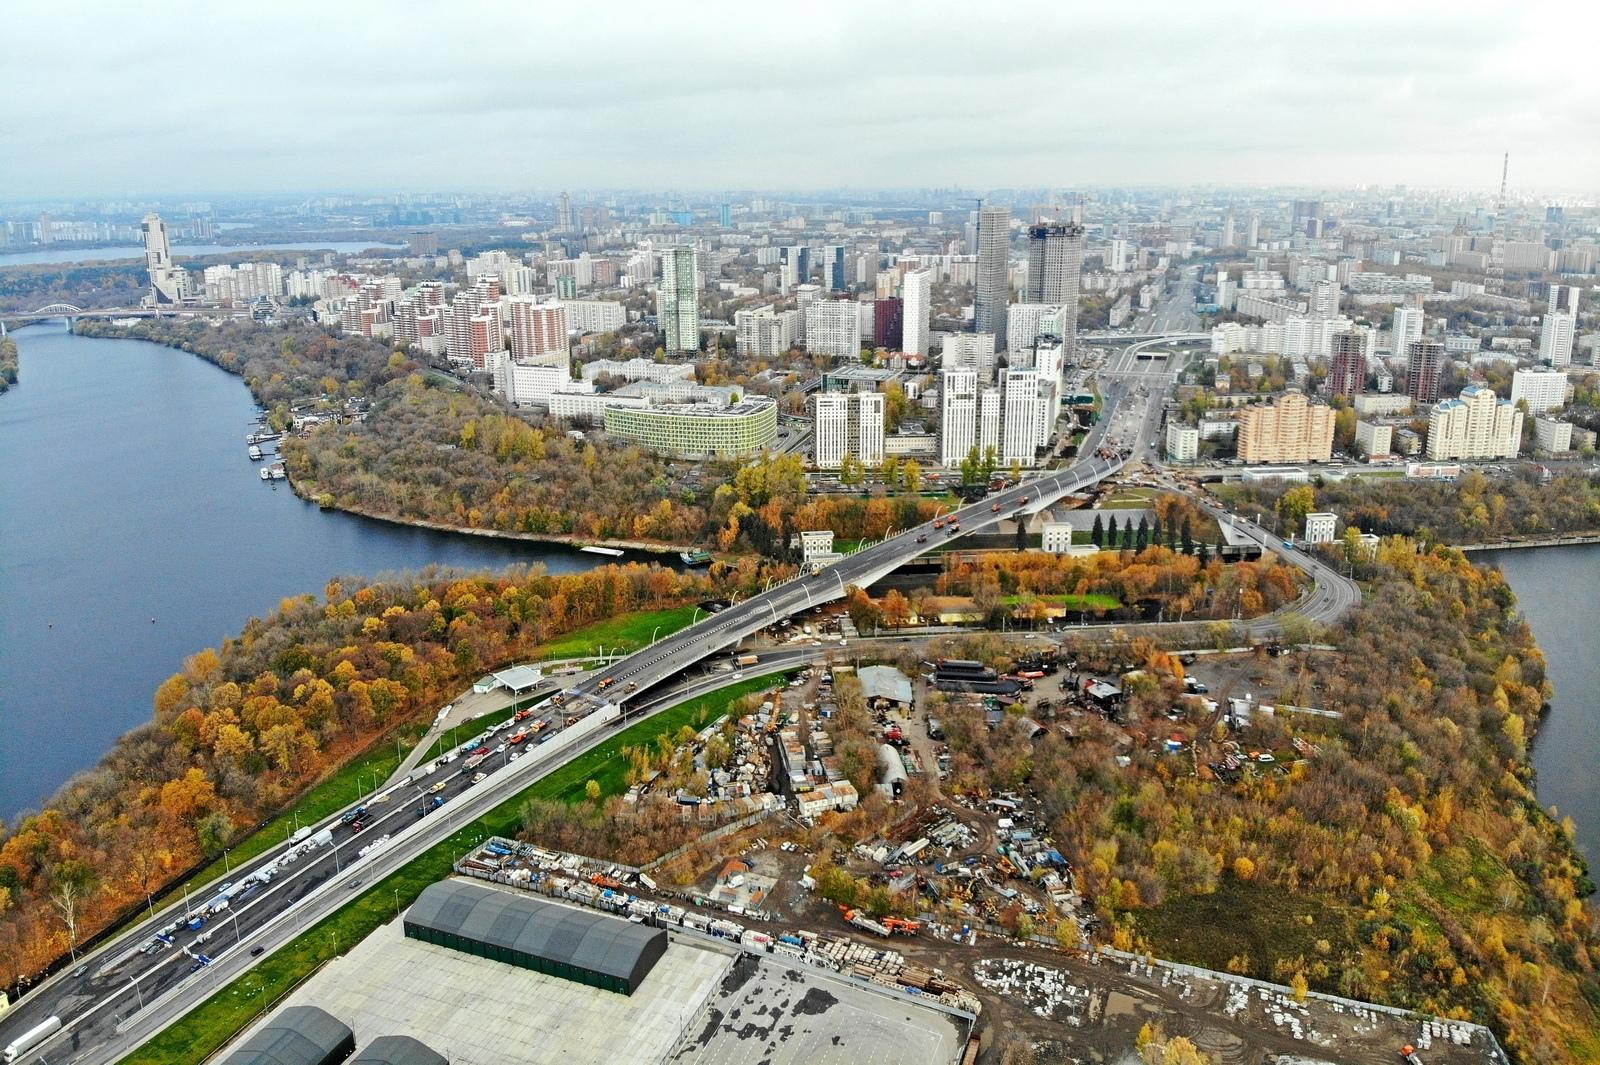 В Мневниковской пойме появится ландшафтно-развлекательный парк